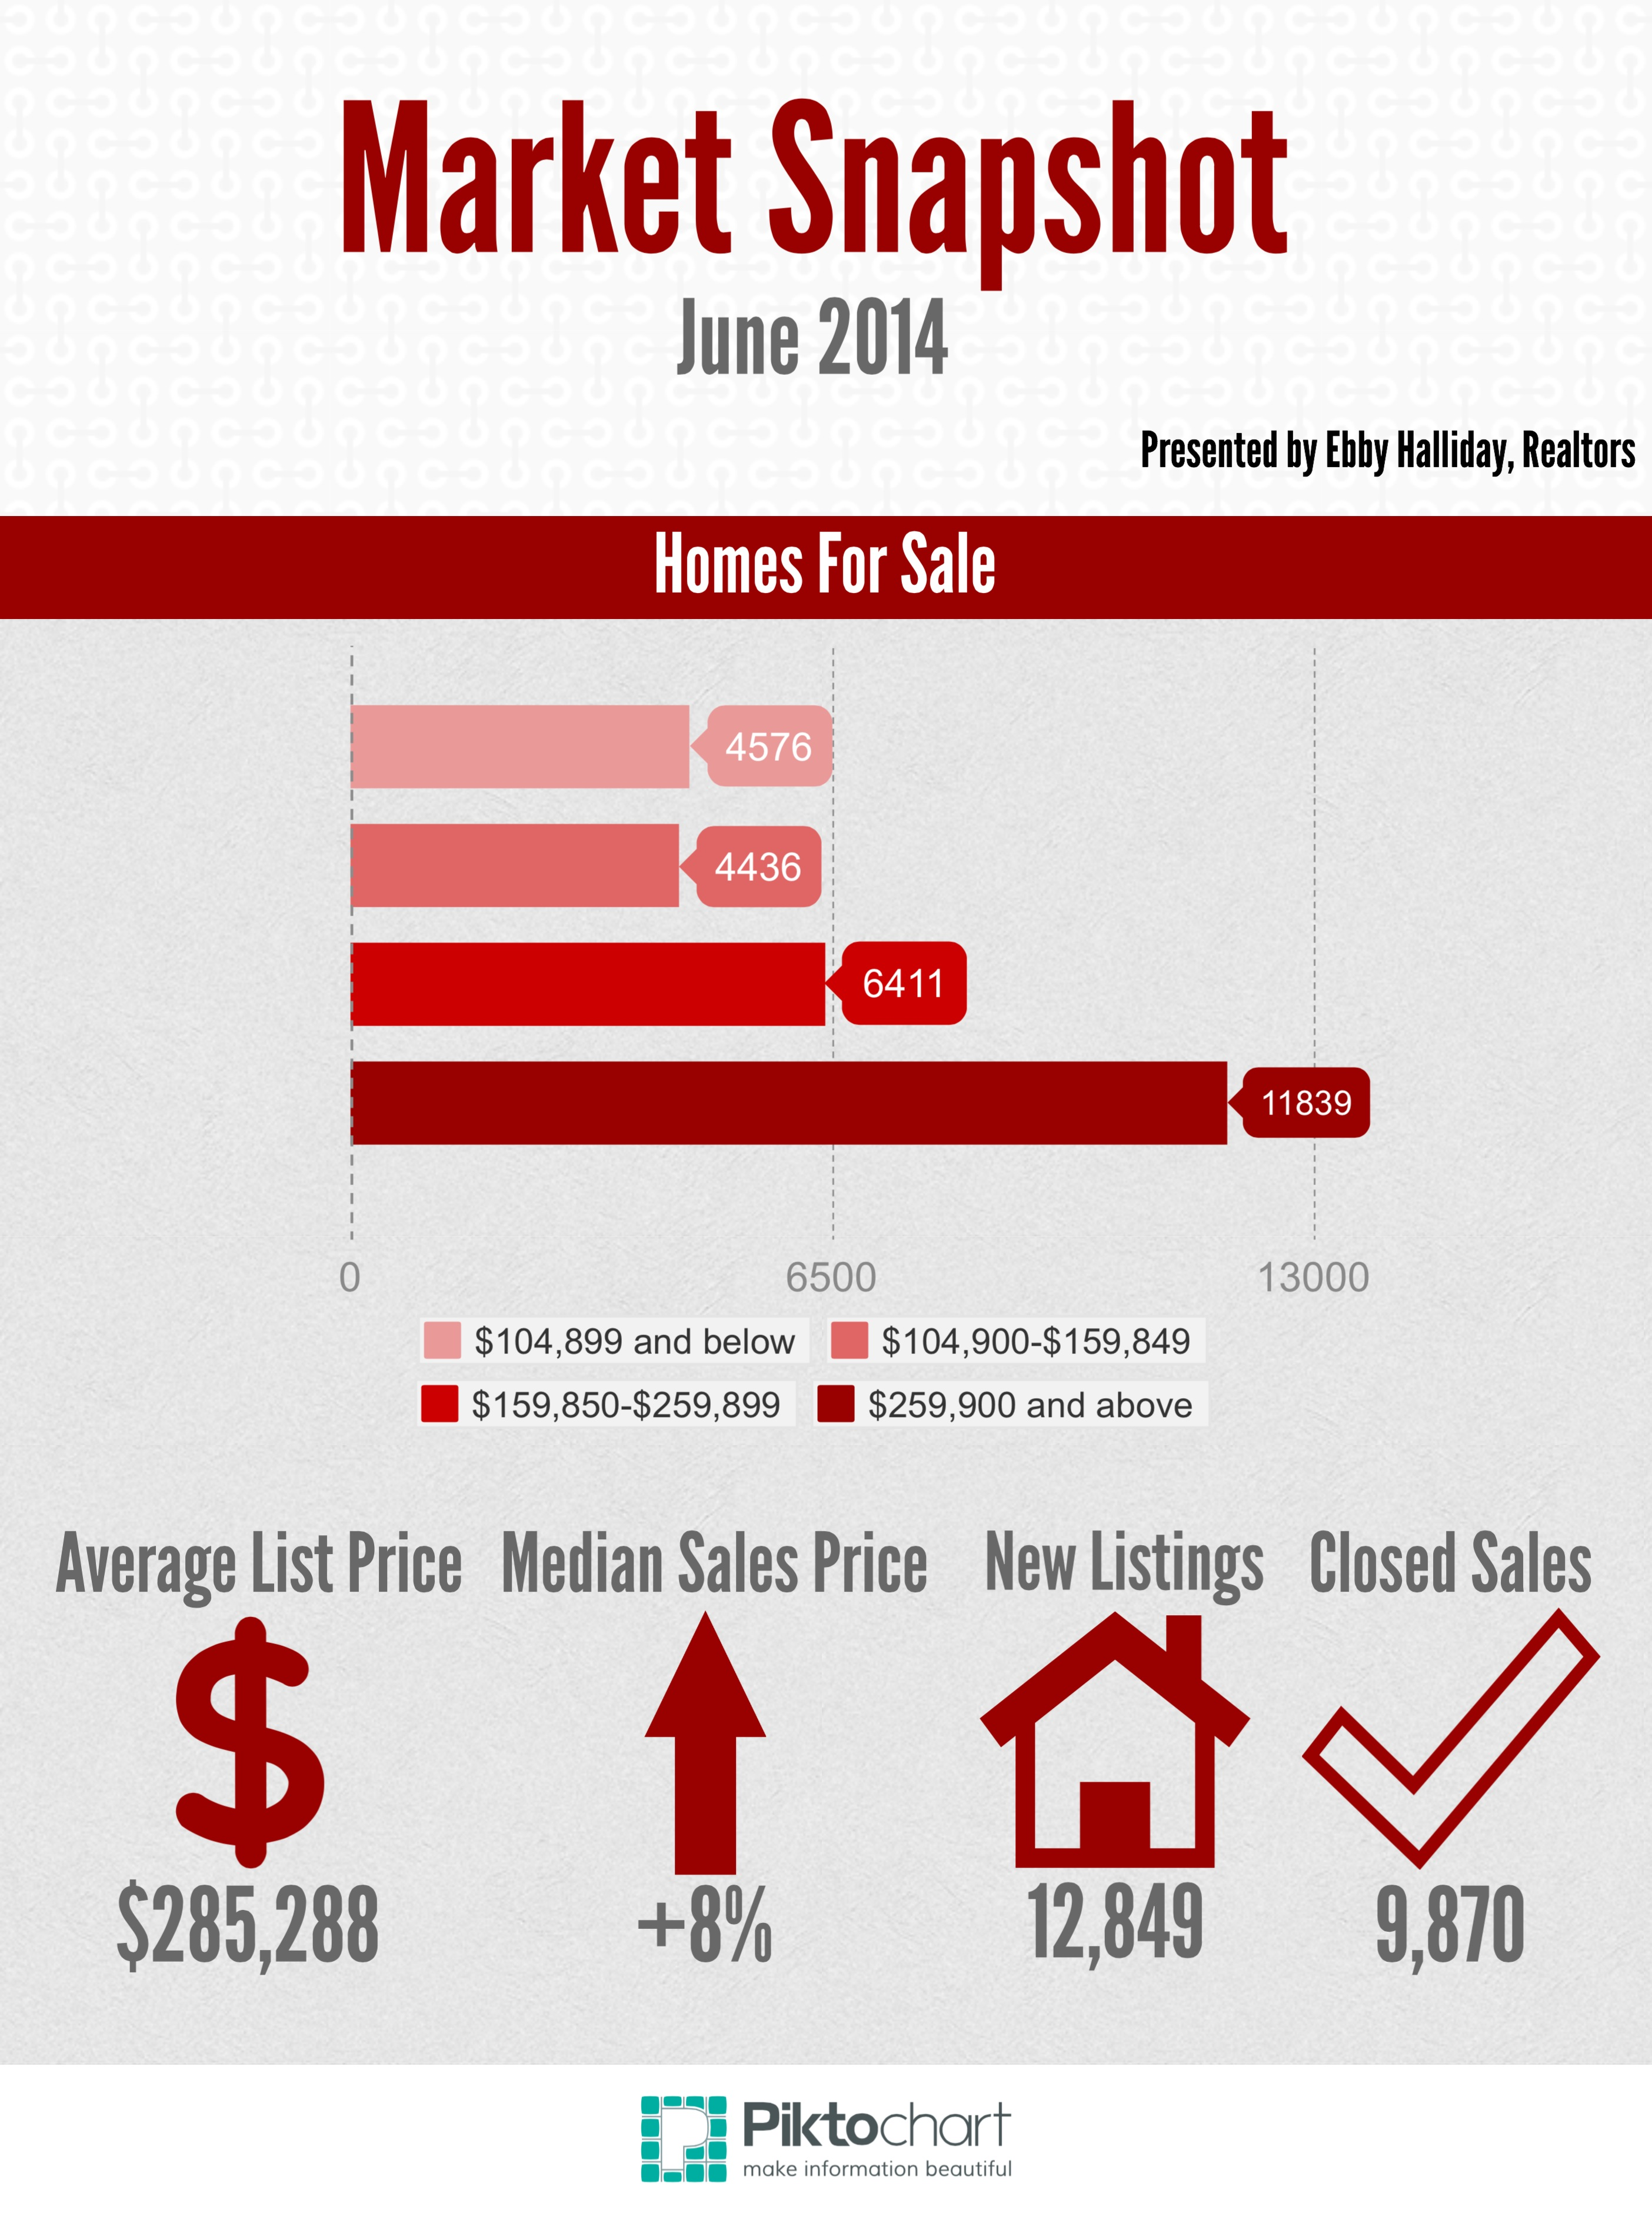 Market Snapshot June 2014